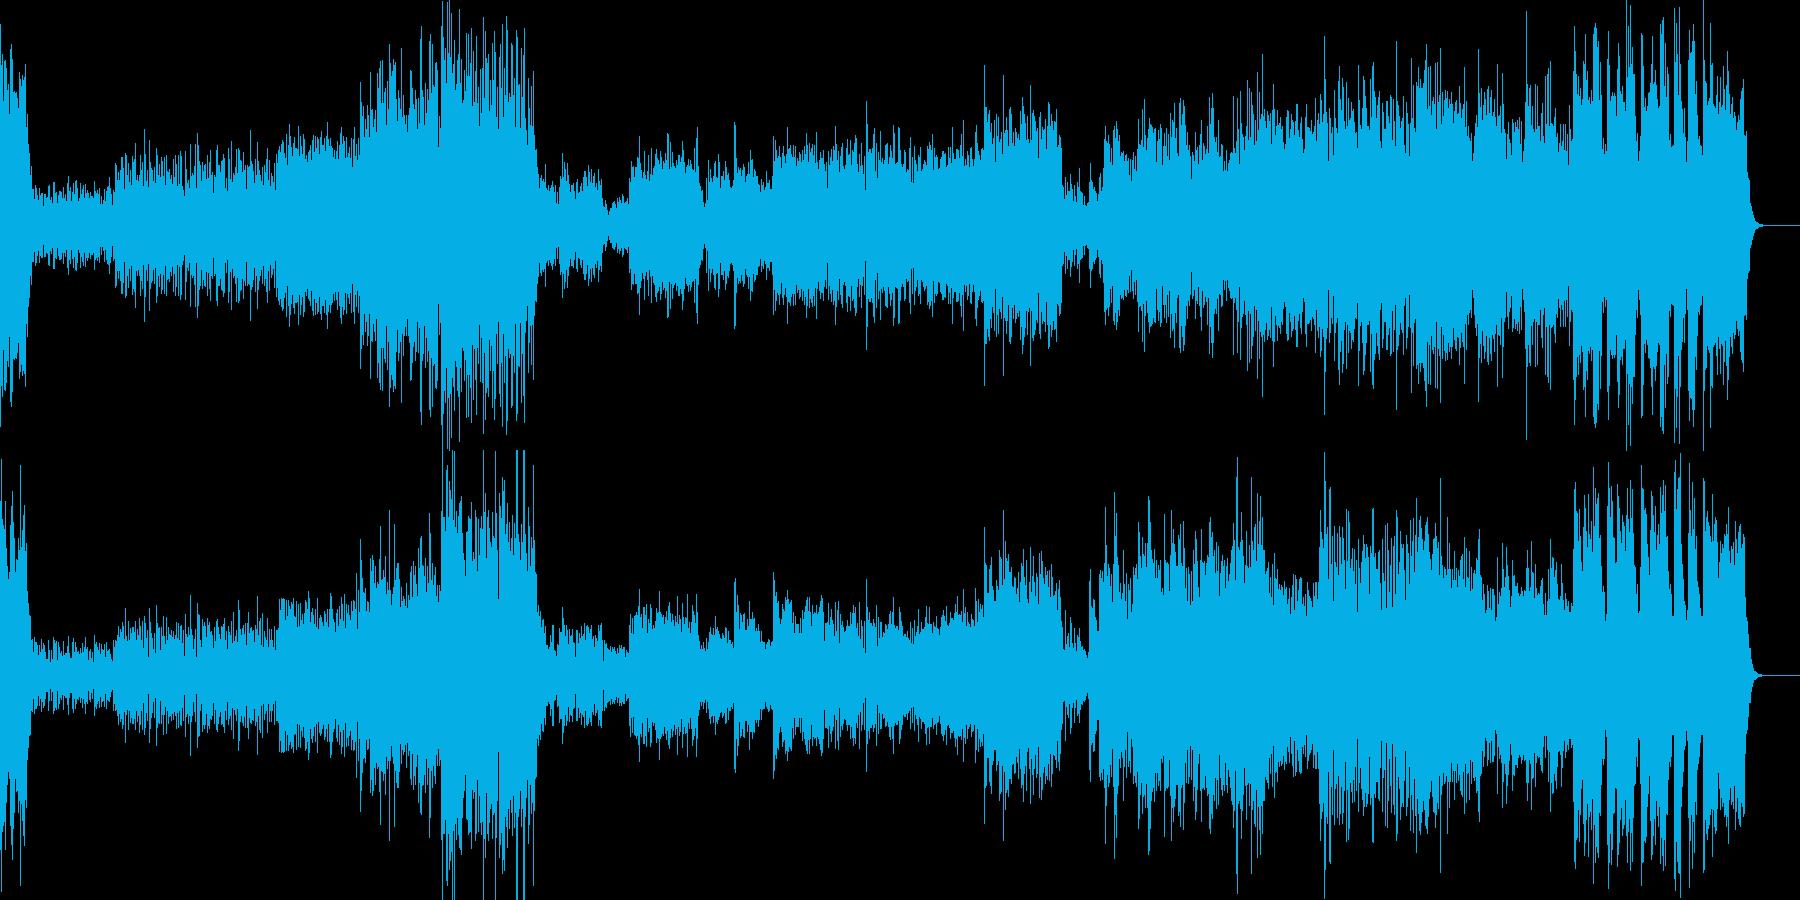 ヒンデミット シンフォニックダンスよりの再生済みの波形